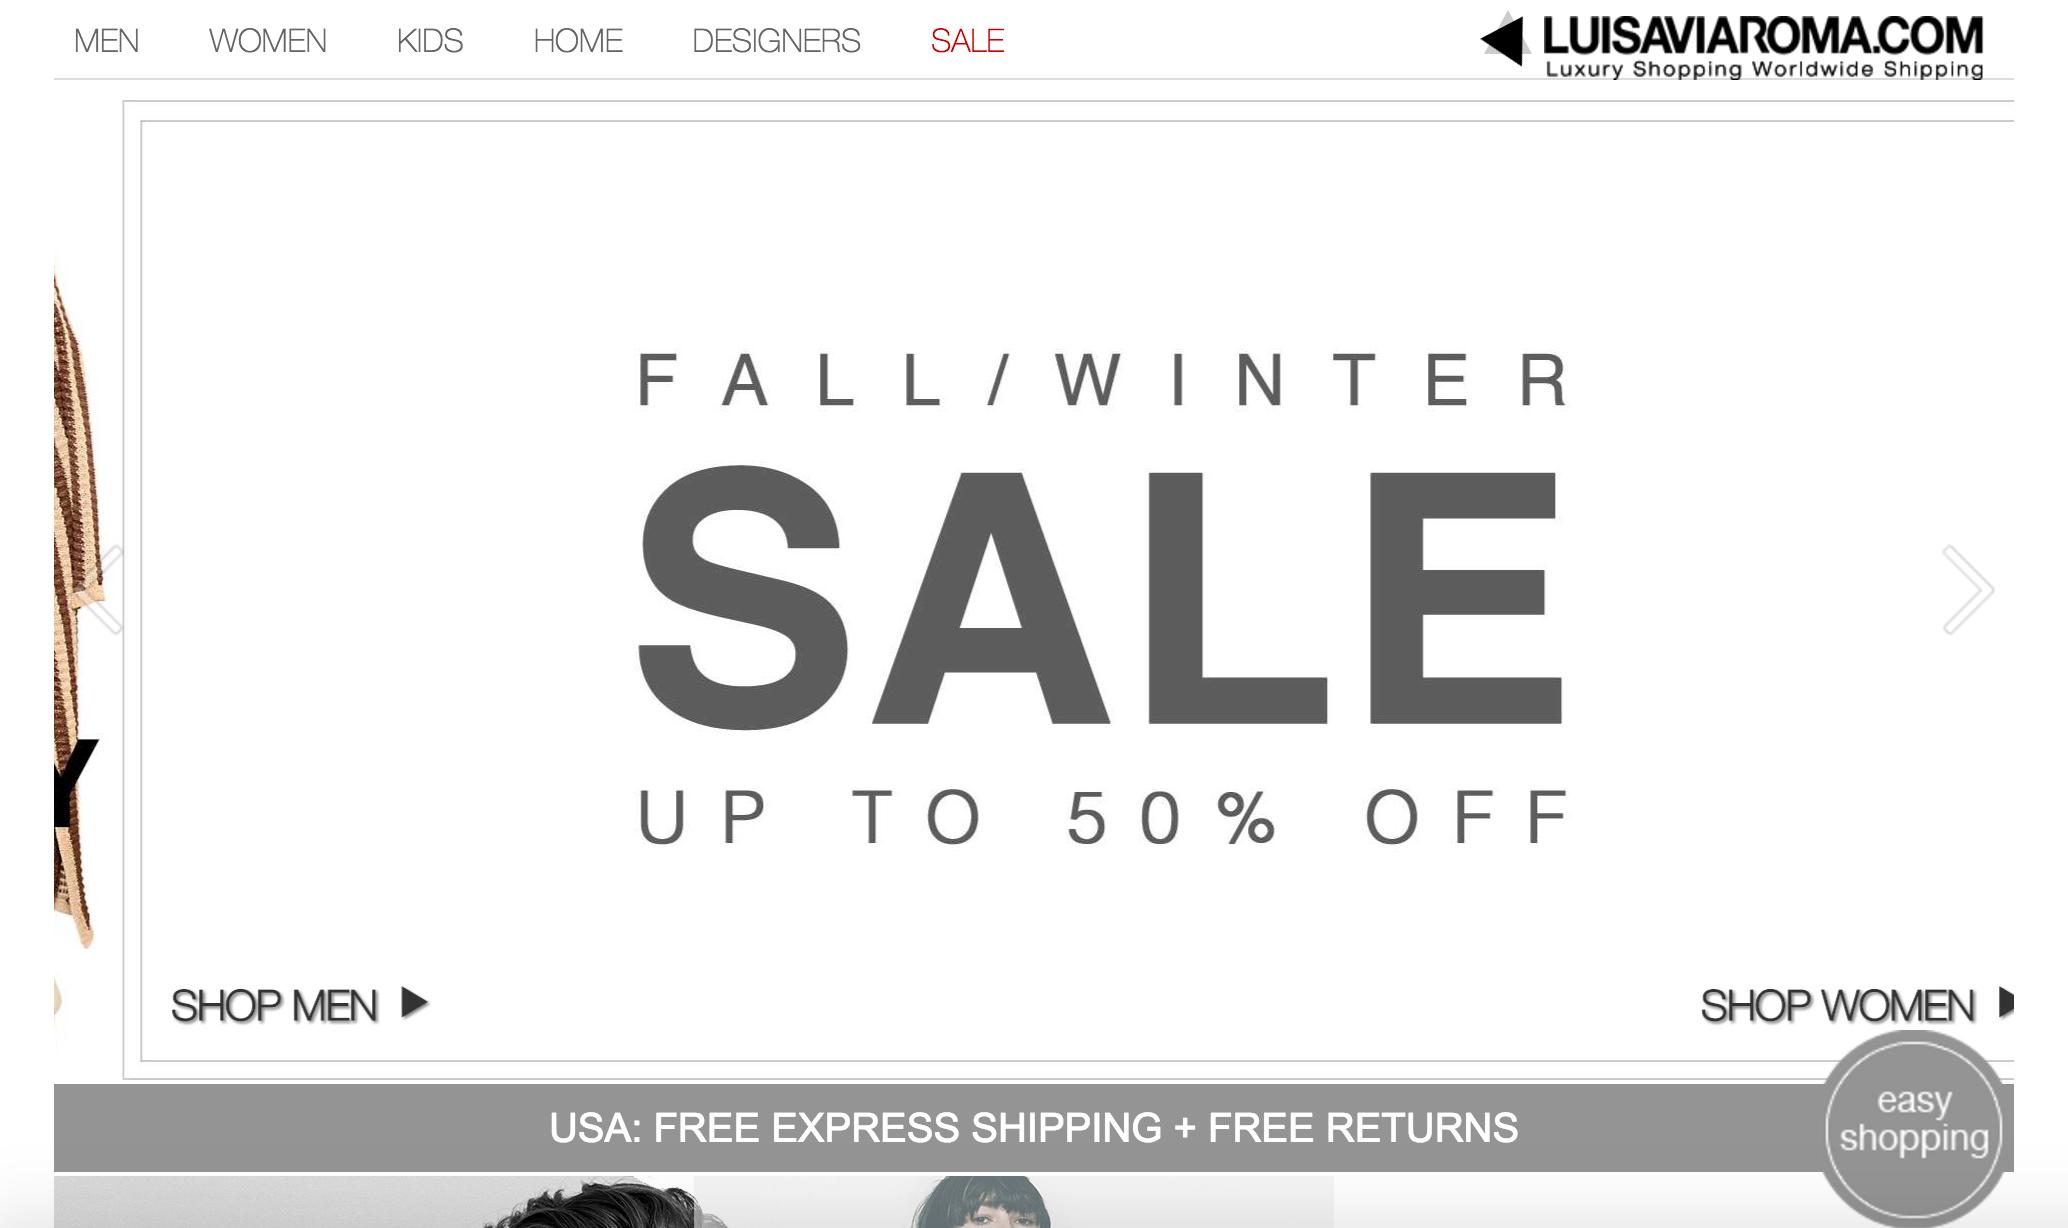 LuisaViaRoma promozioni Stati Uniti